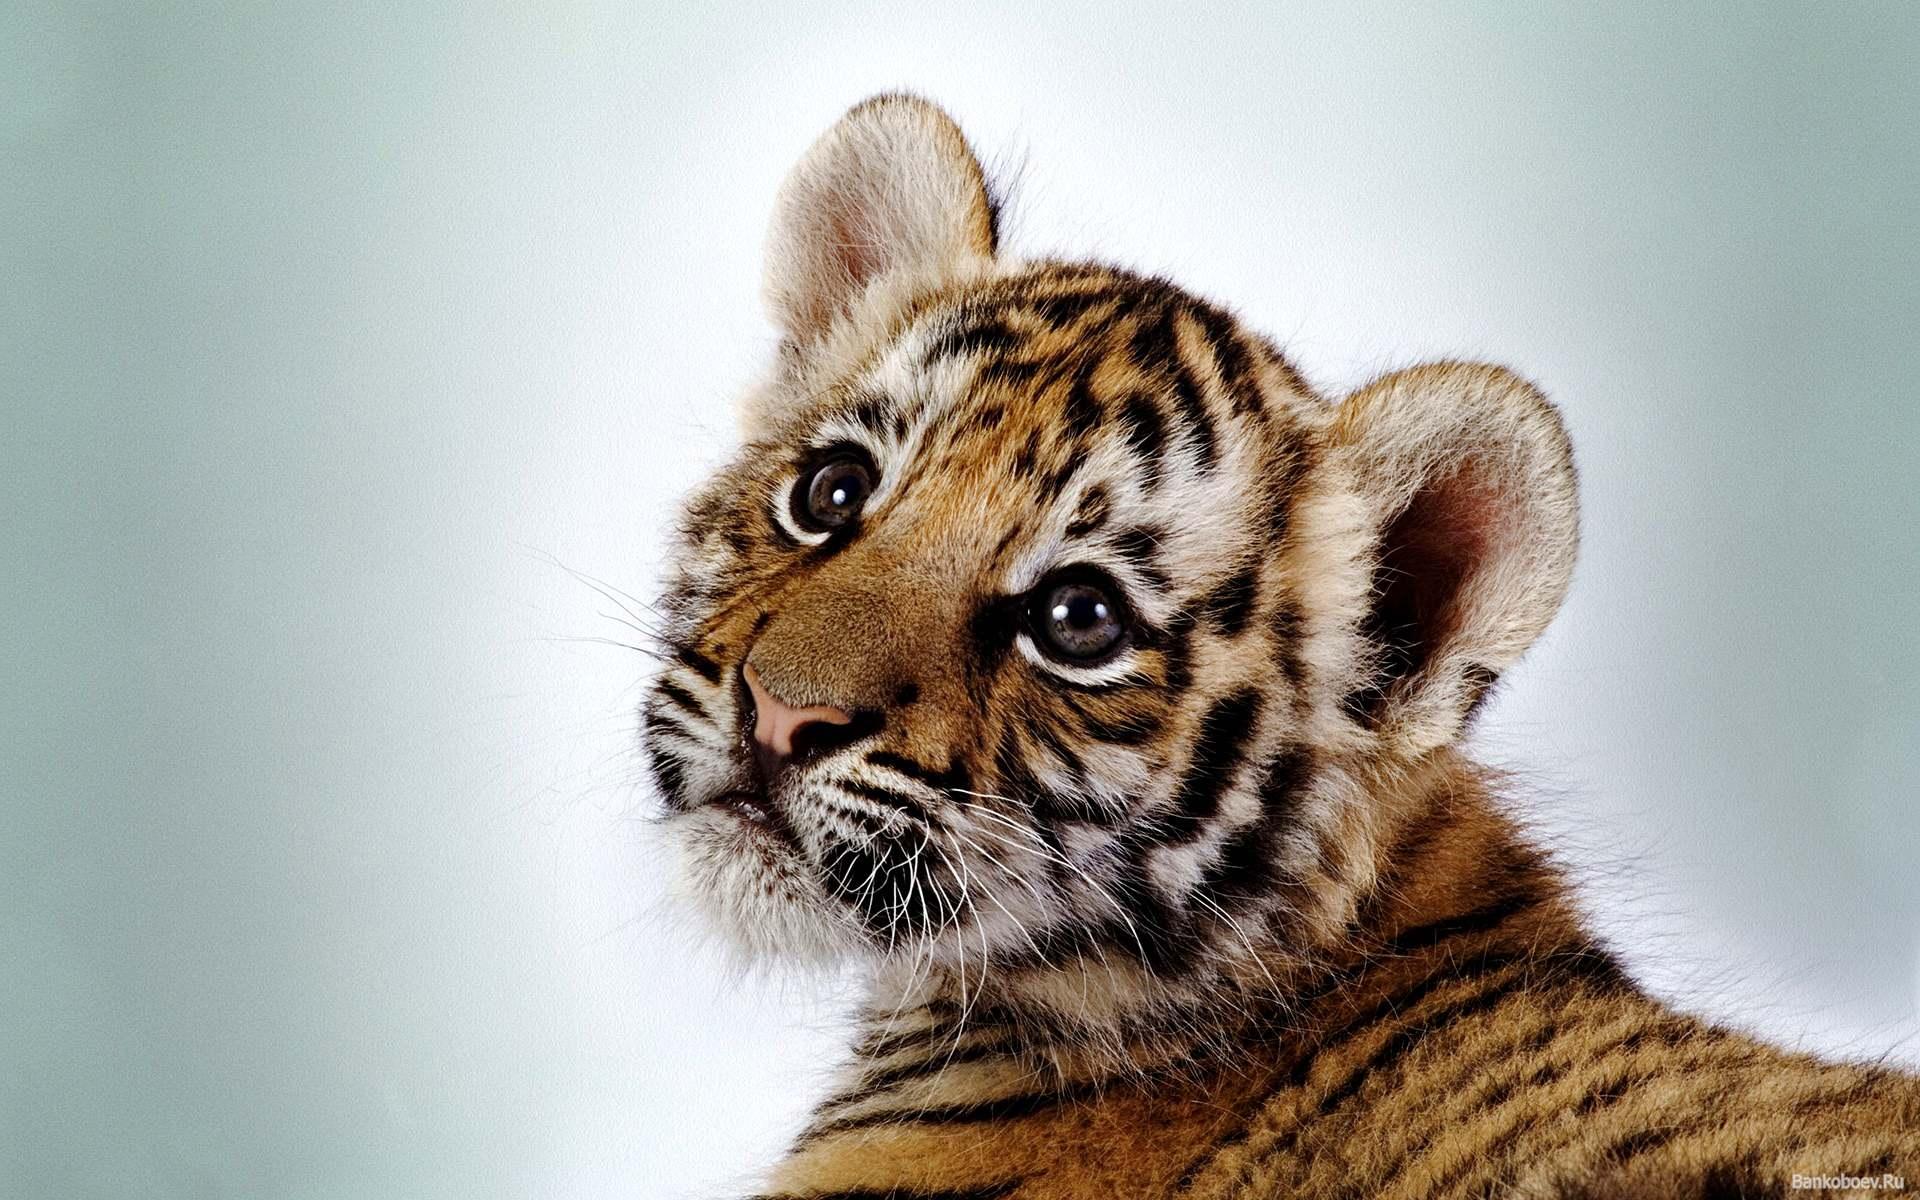 Тигрята фотографии   красивая подборка 20 картинок (15)